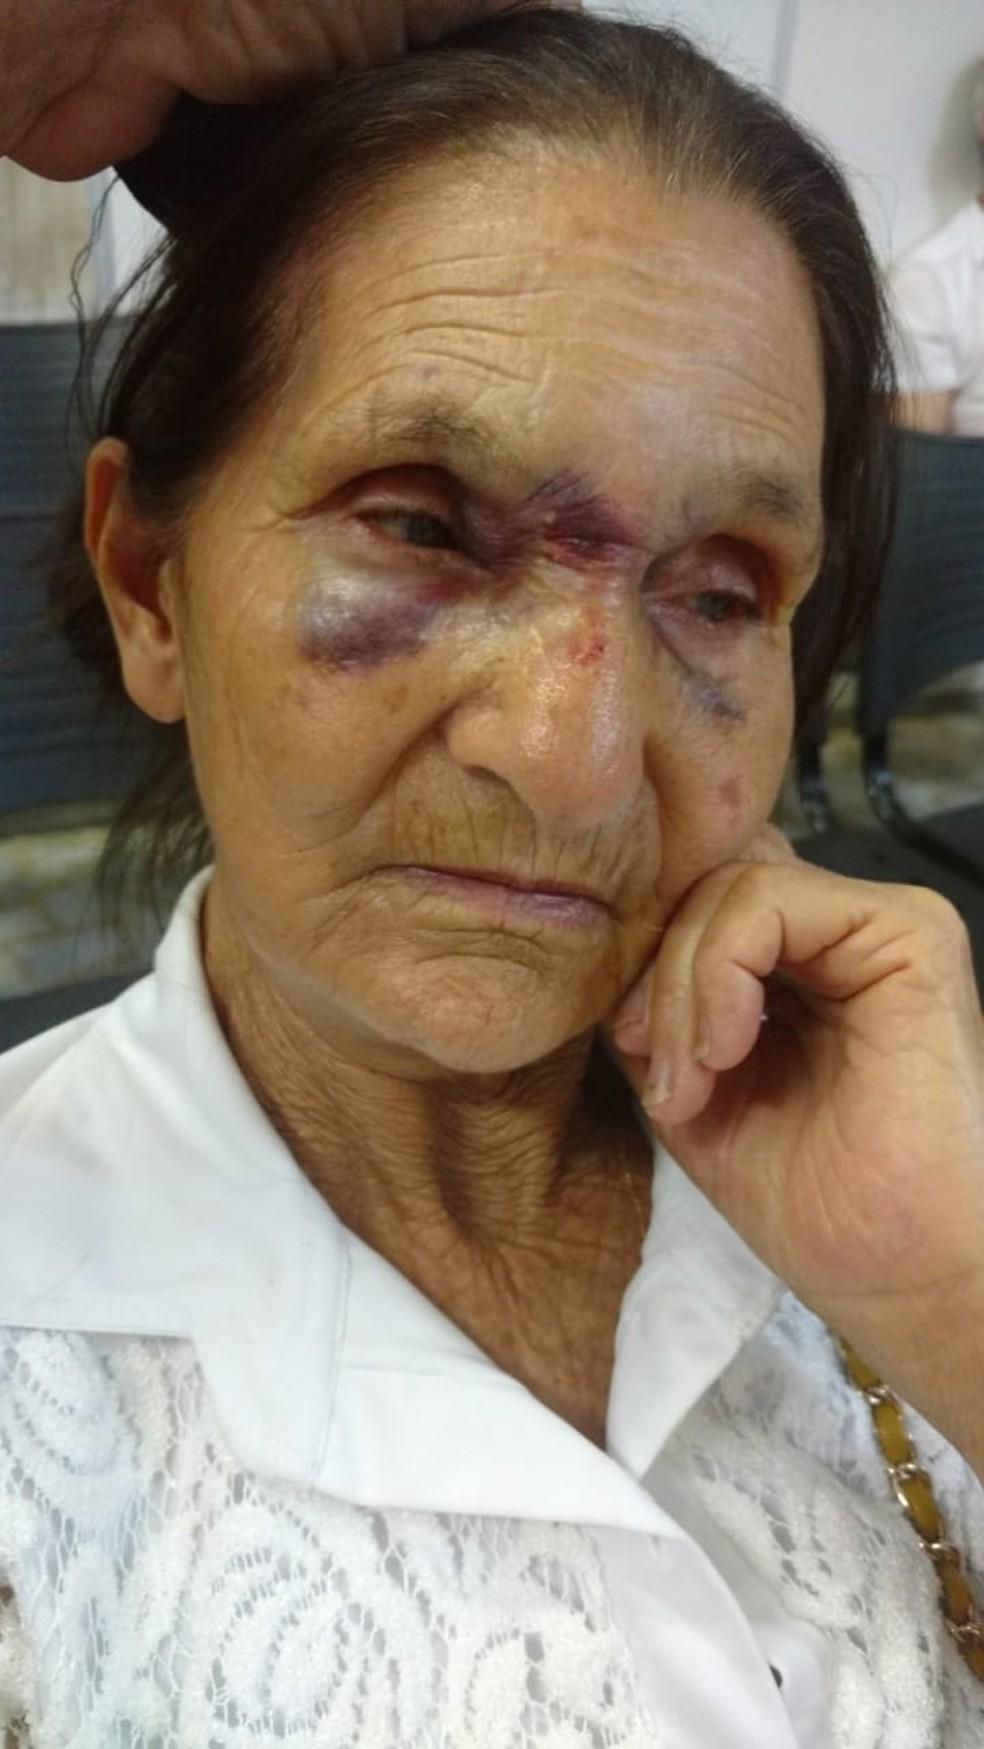 Idosa levou diversos socos e ficou com marcas no rosto — Foto: Arquivo Pessoal